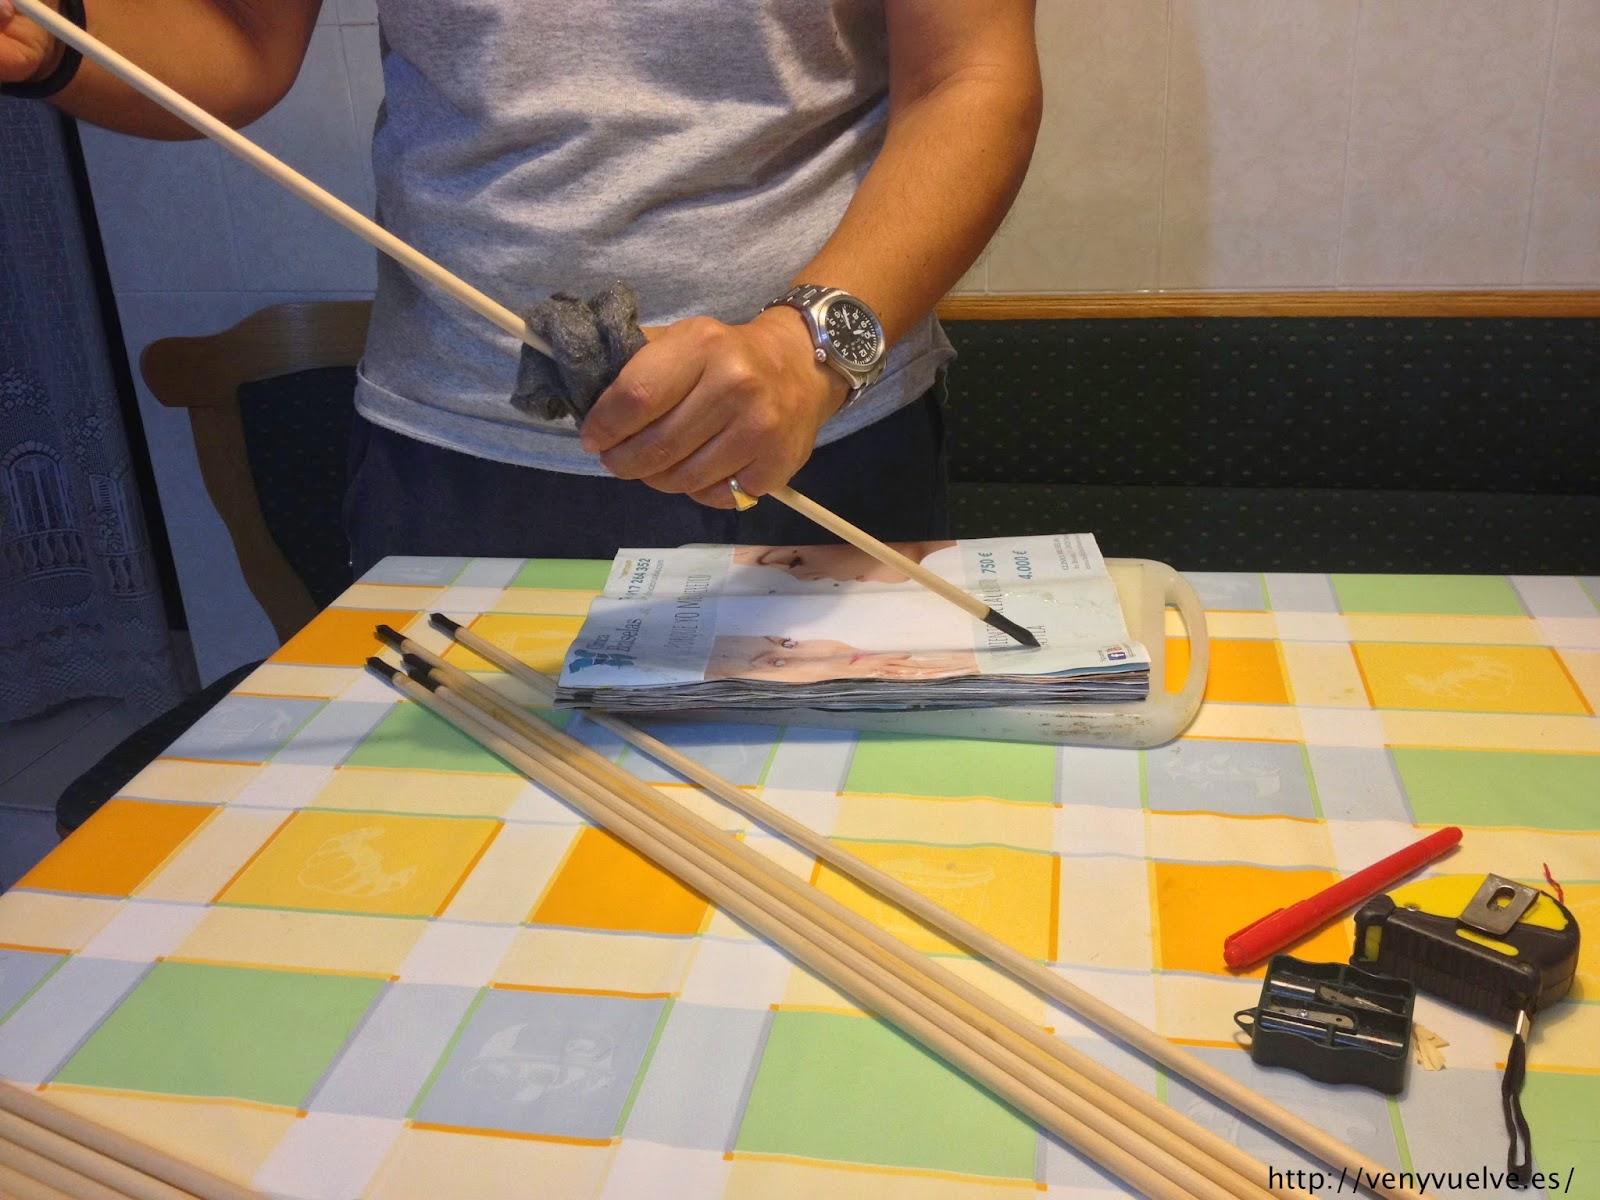 Lijando una flecha de madera